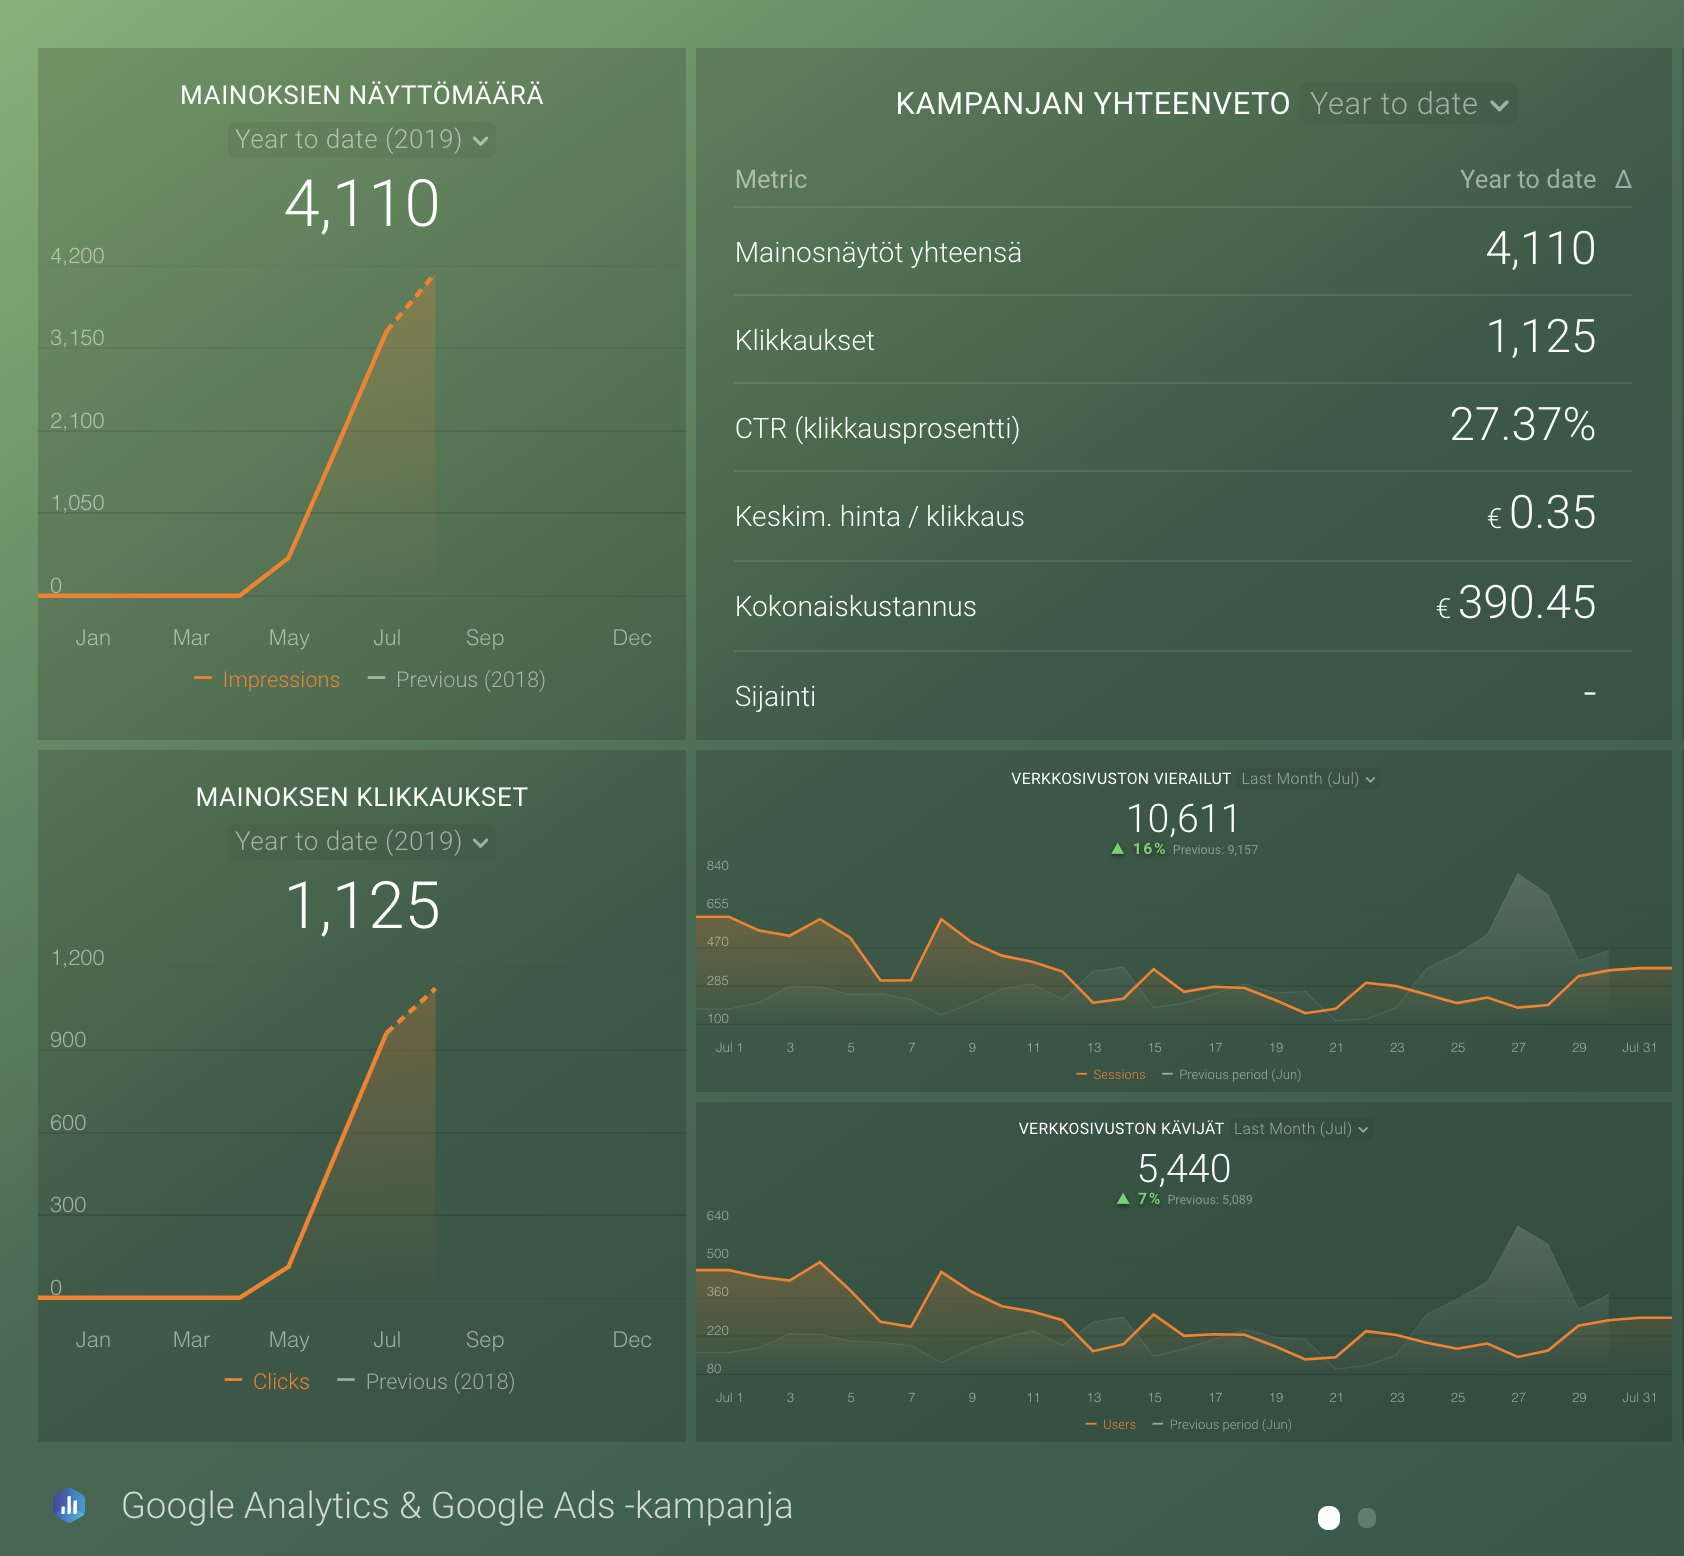 markkinoinnin tuloksien visualisointi